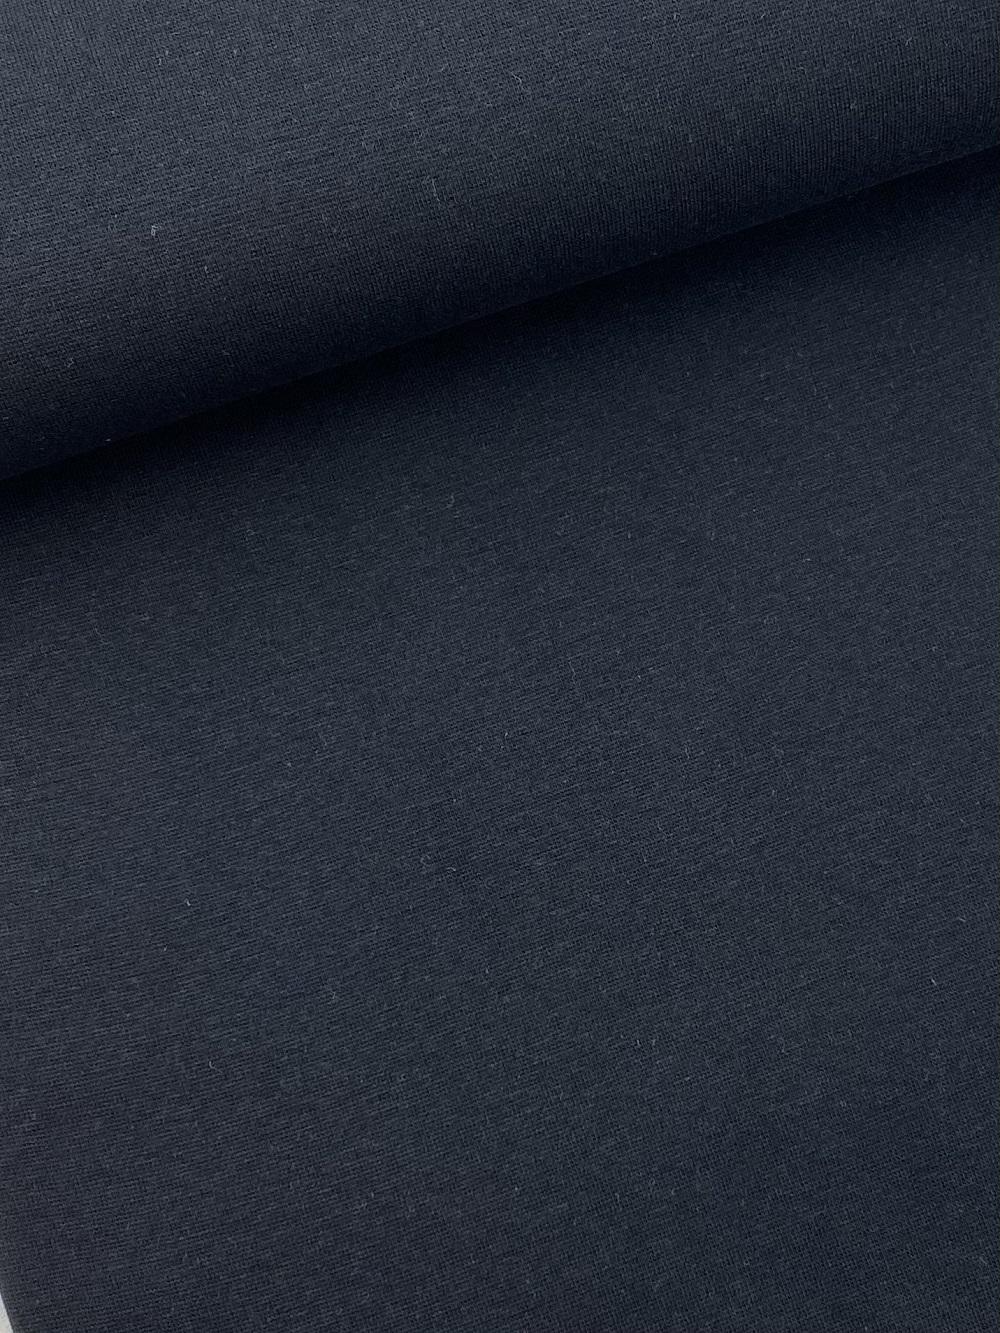 Bündchenware (glatt), schwarz. Art. SW10644